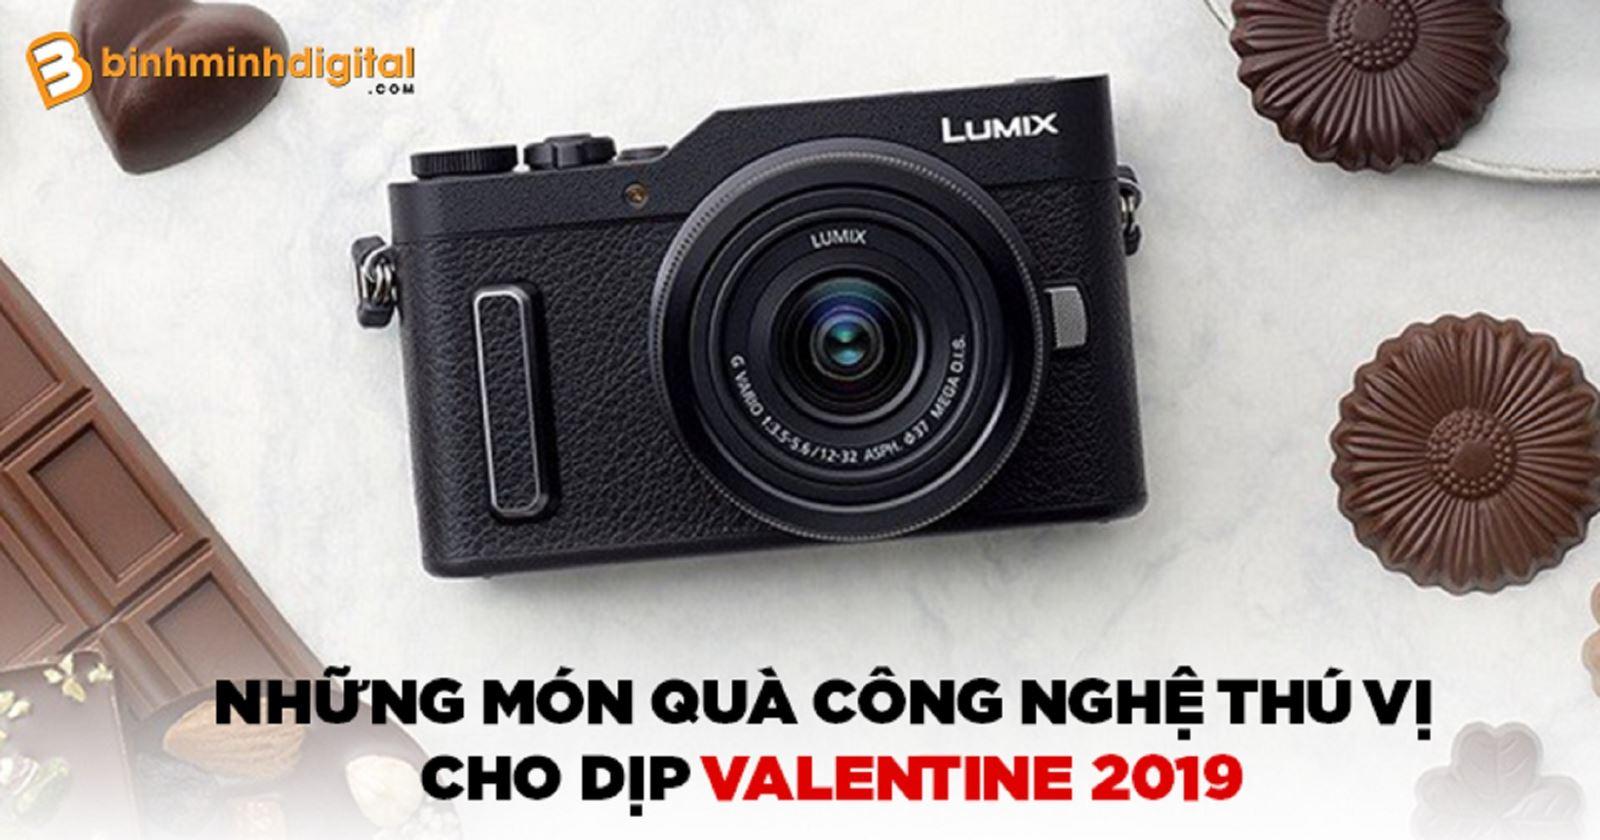 Những món quà công nghệ thú vị cho dịp Valentine 2019